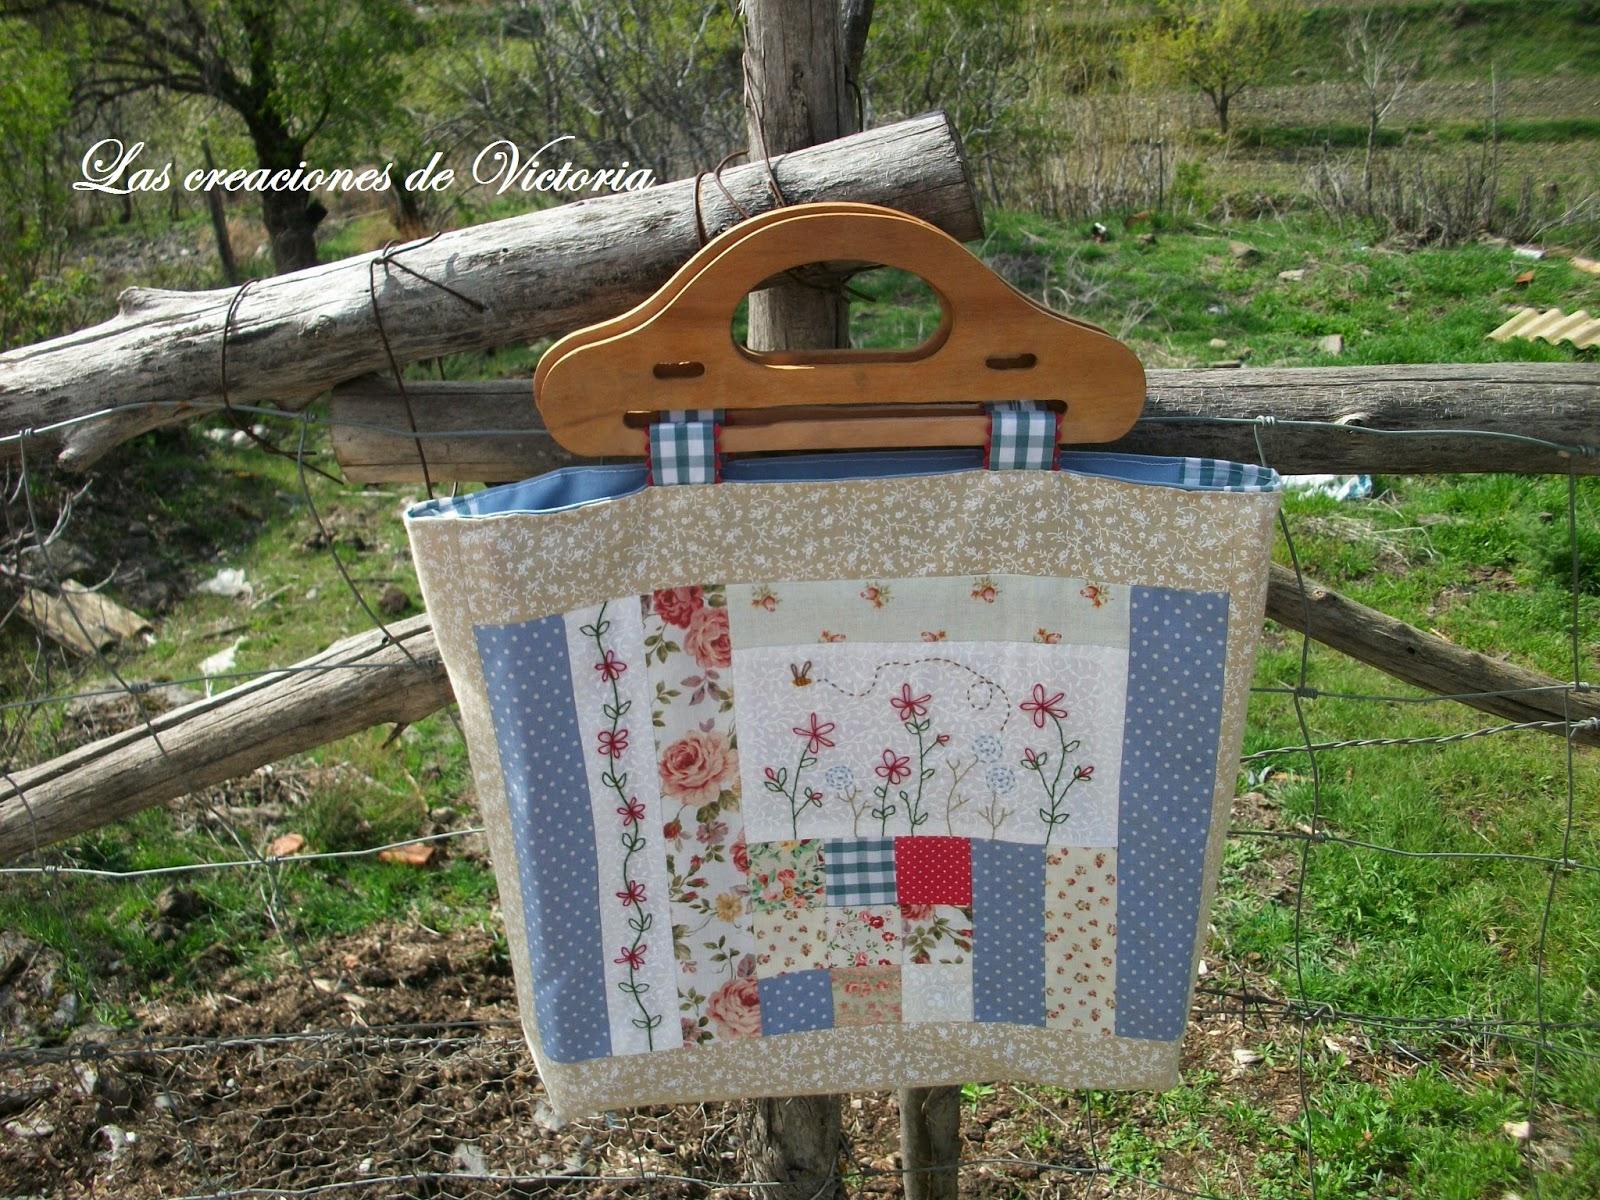 Las creaciones de Victoria. Bolso patchwork.Costura